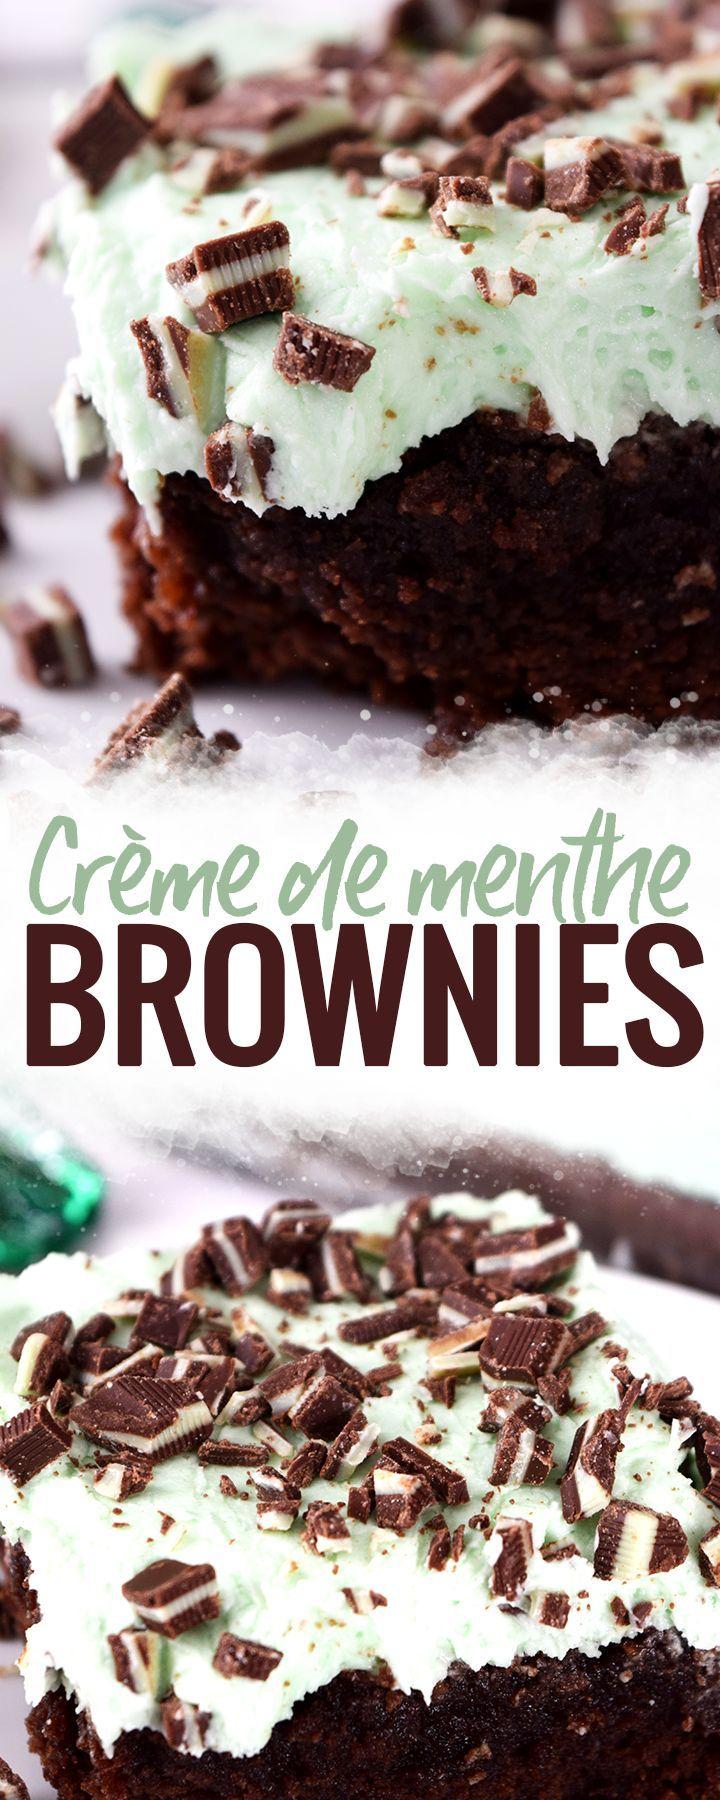 Crème de Menthe Brownies Creme de Menthe Brownies - these Crème de menthe brownies bring together